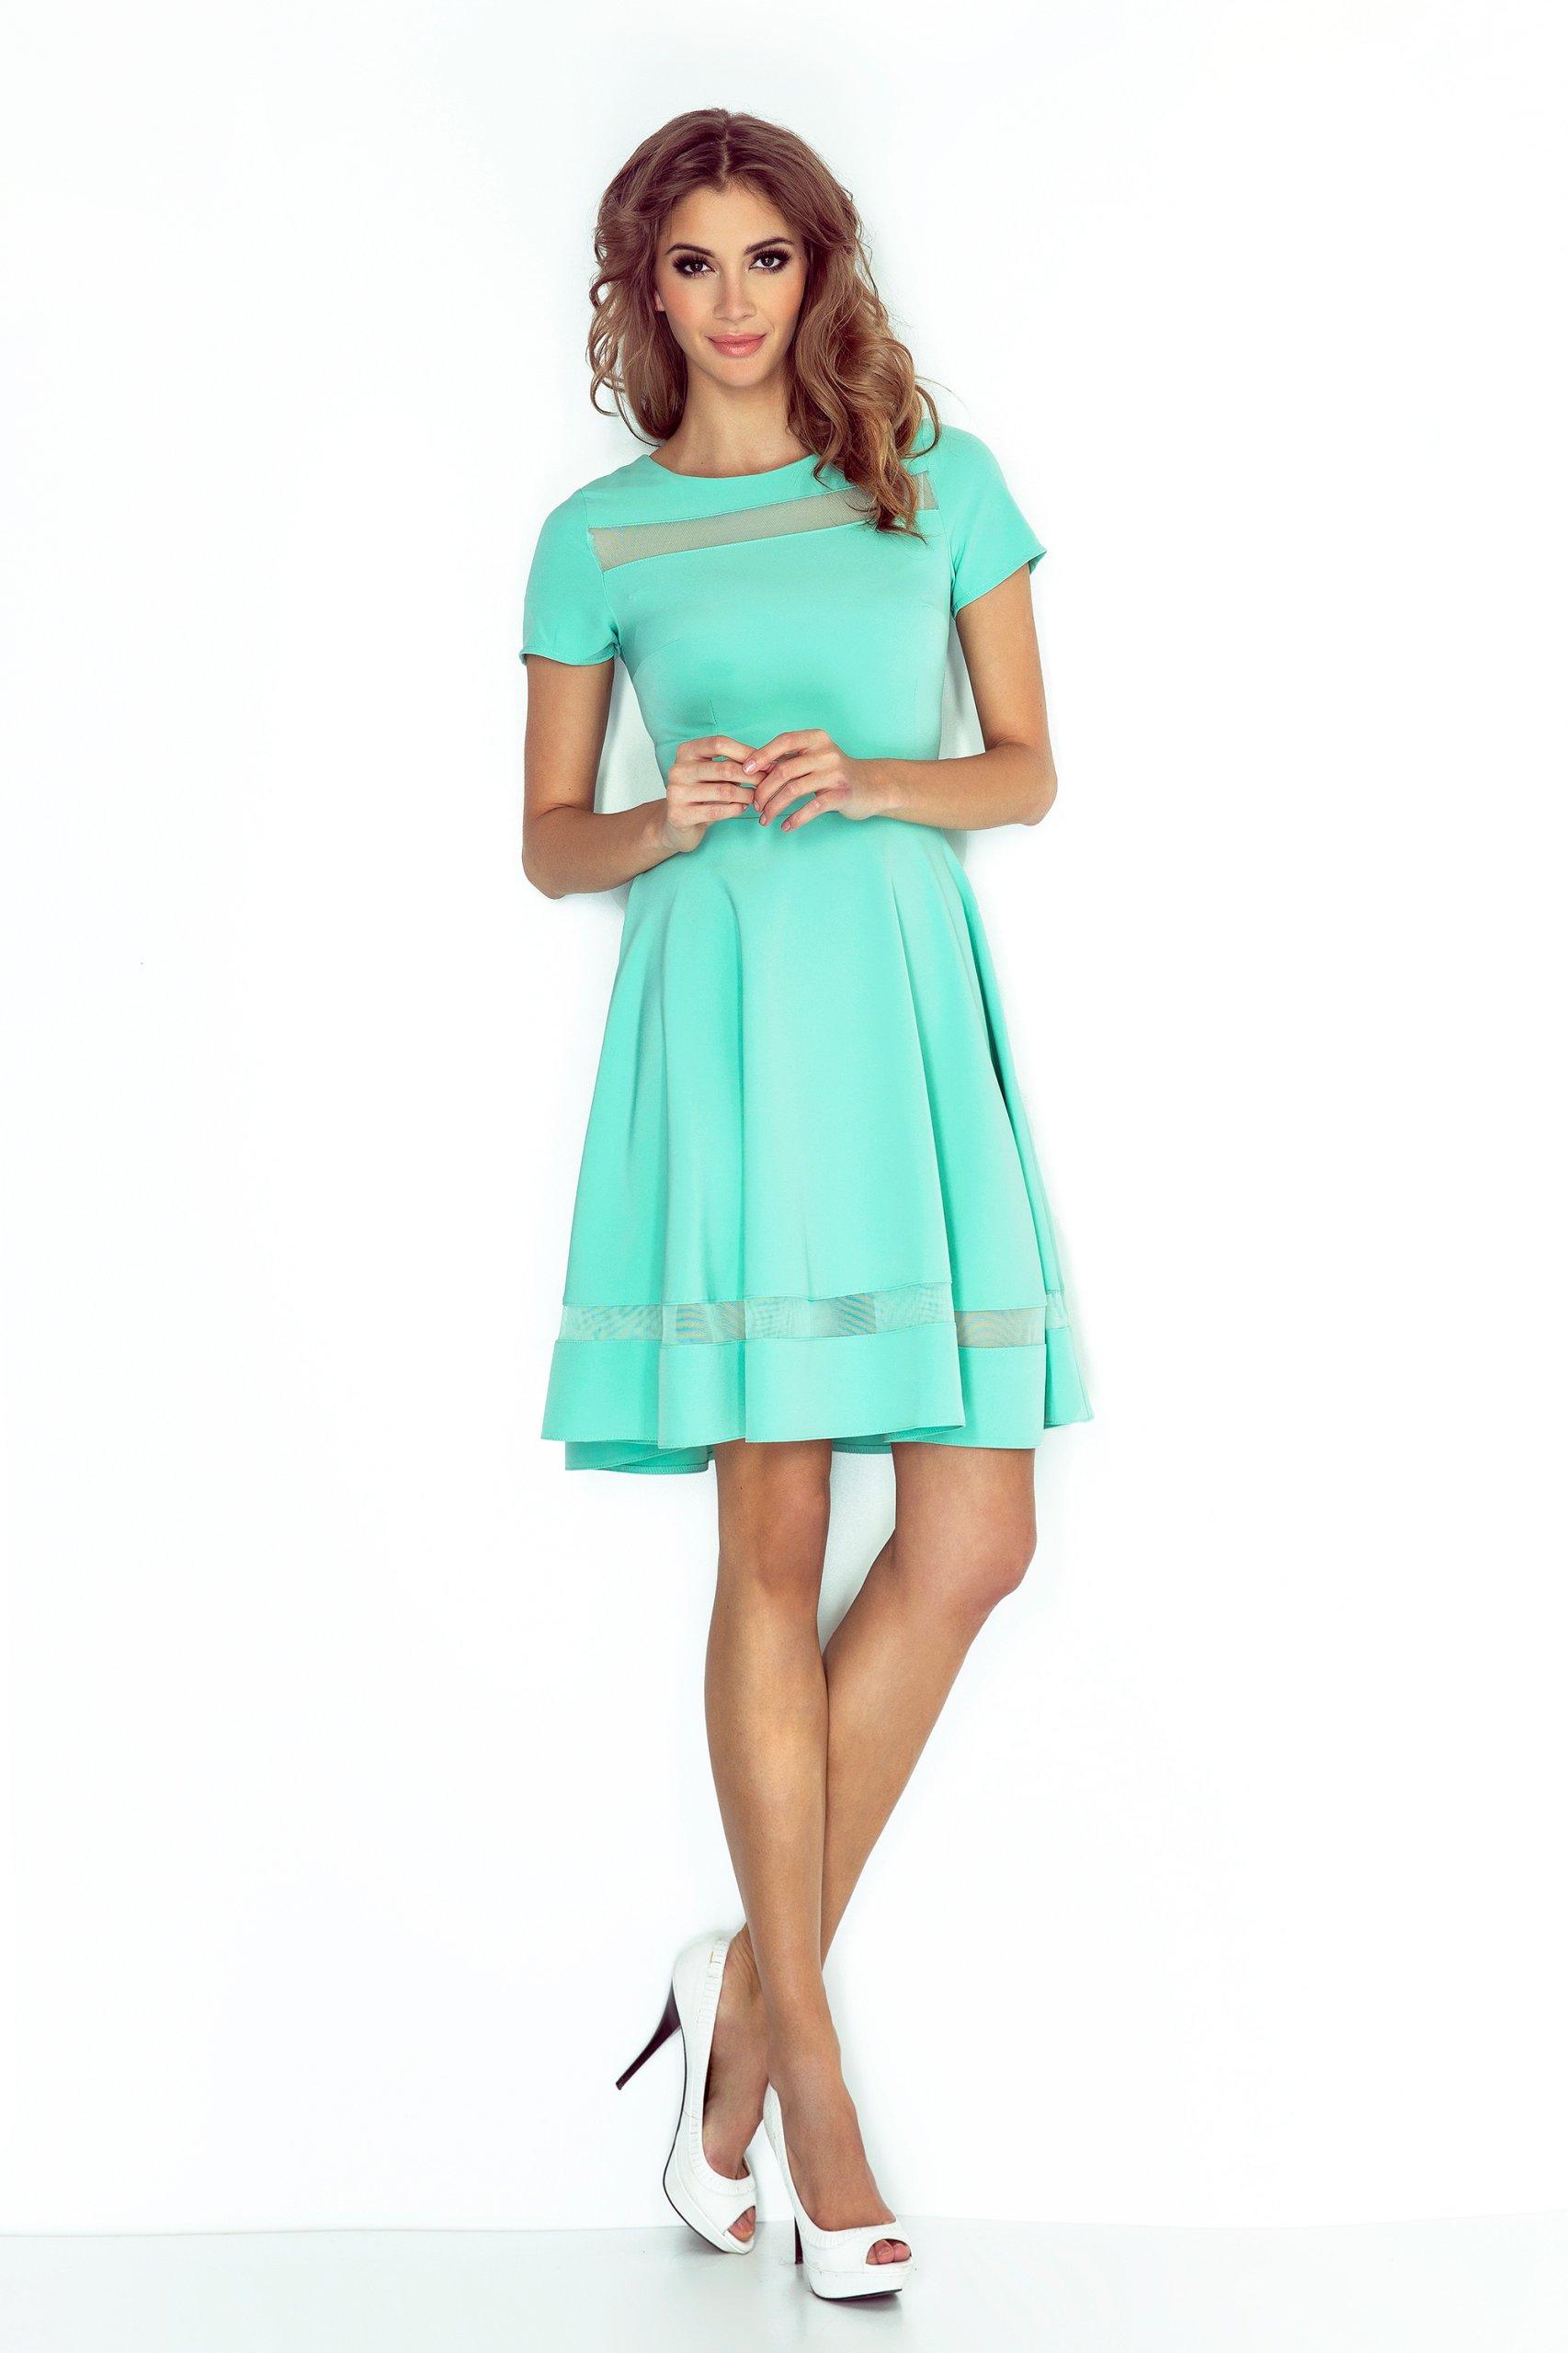 c1c0307ce Letnia Sukienka ROZKLOSZOWANA Na Lato 003-1 XL 42 - 7283254959 ...